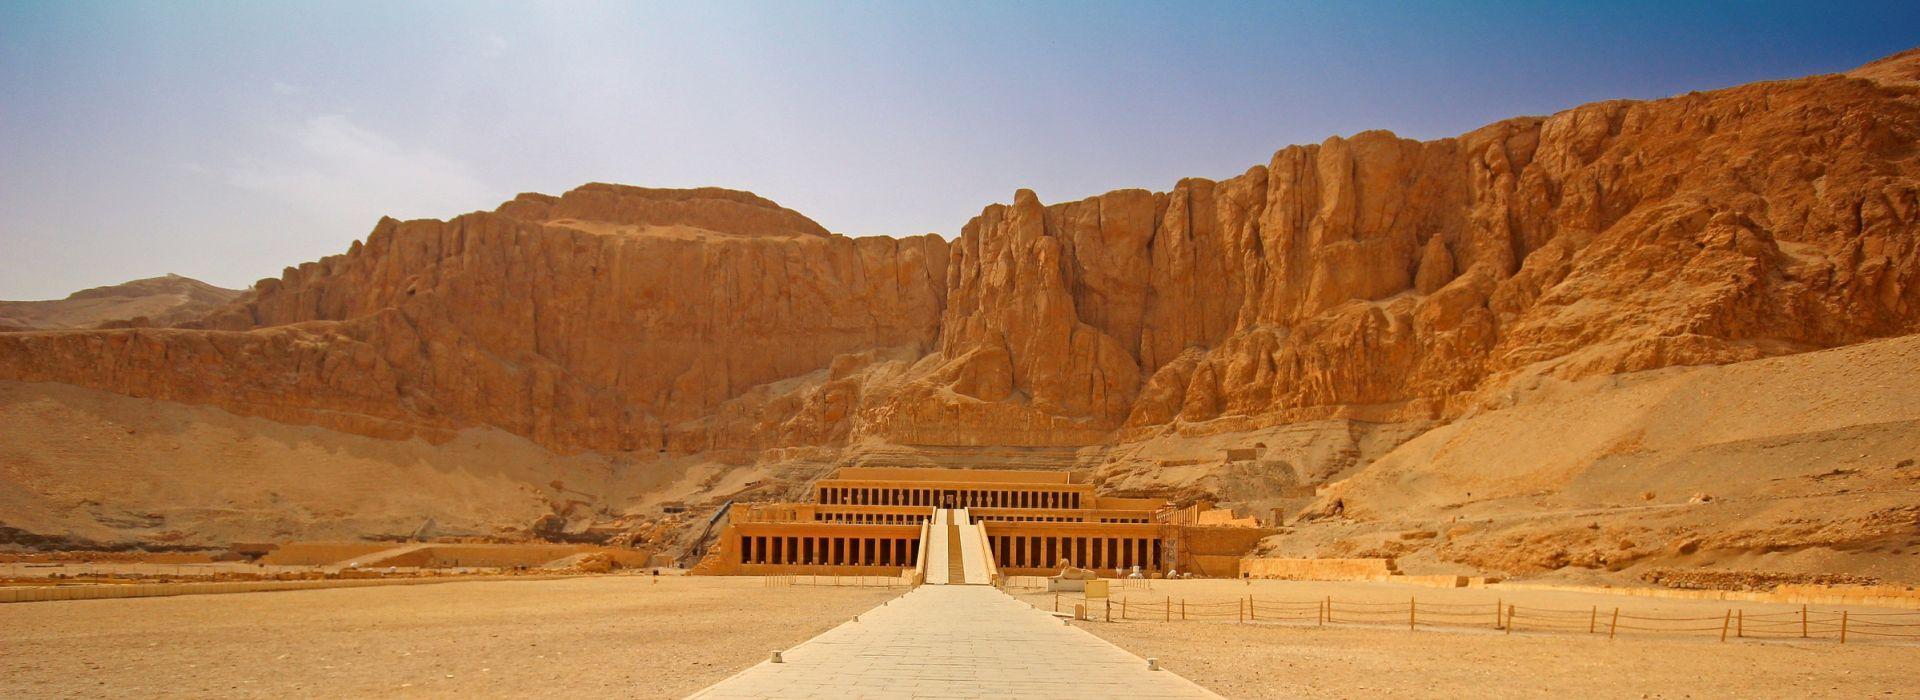 Adventure Tours in Cairo